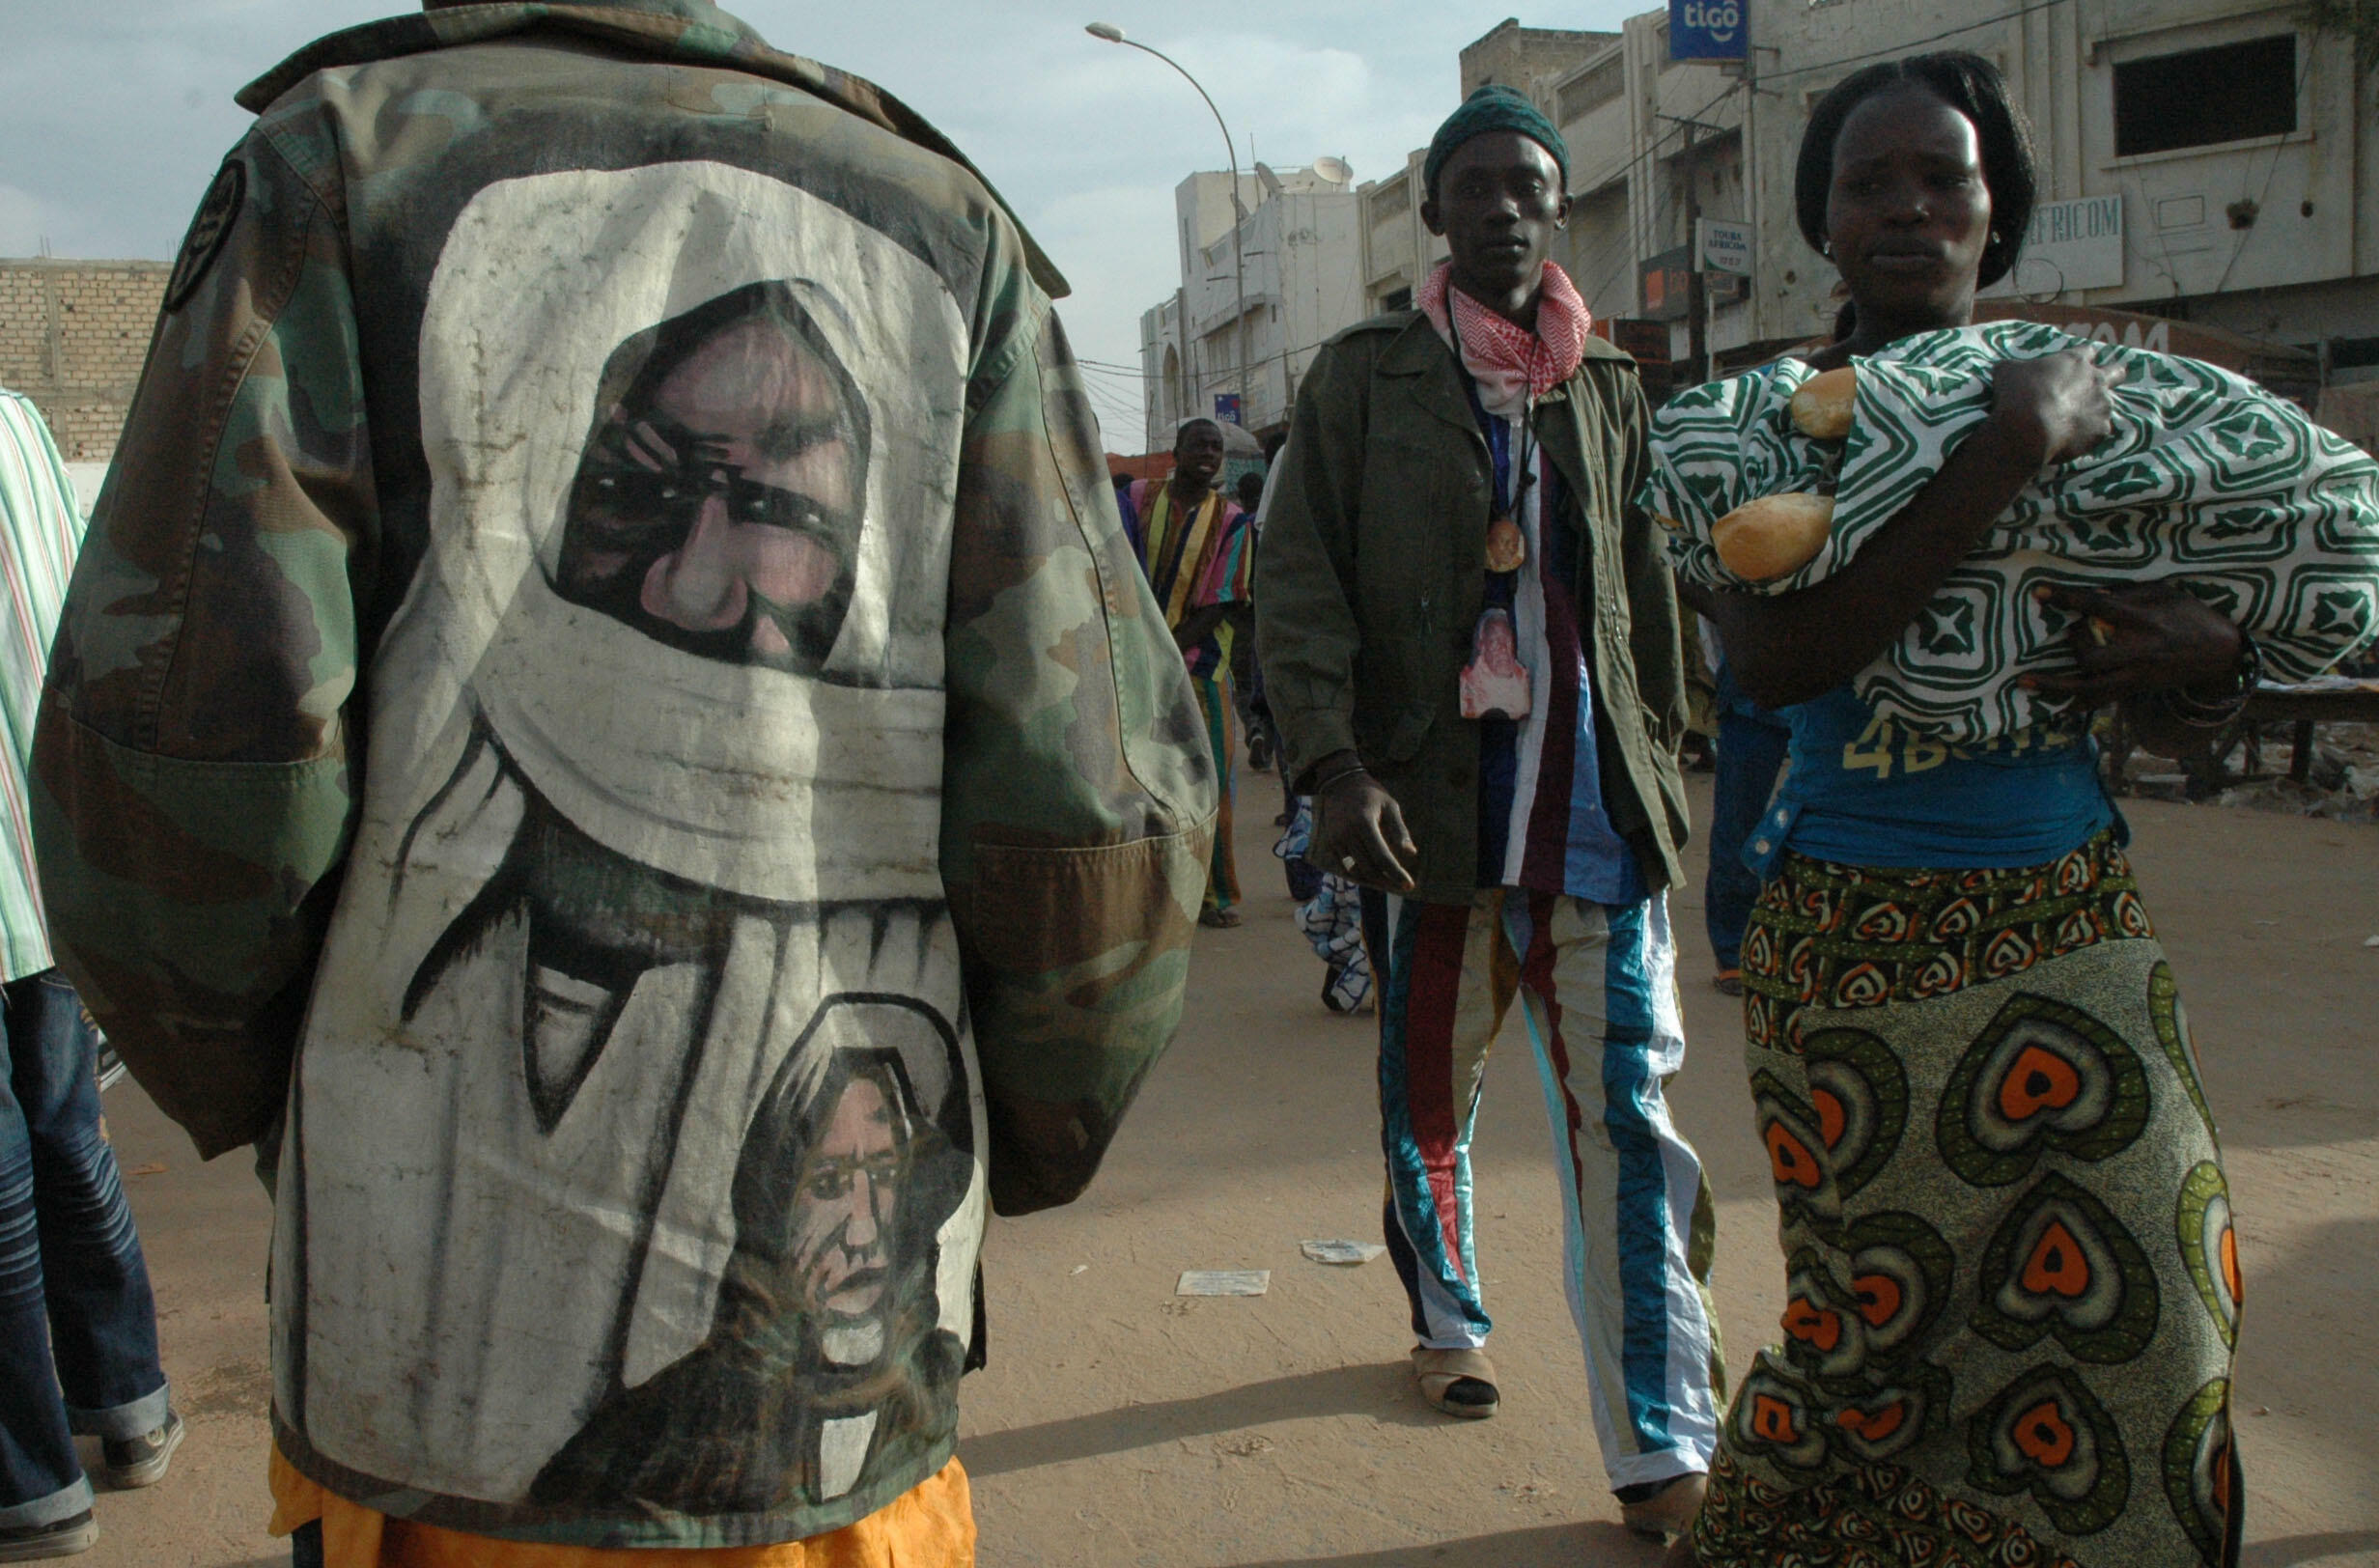 Cheikh Ahmadou Bamba, le fondateur de la confrérie sur la veste d'un pèlerin. Le Grand Magal commémore son départ en exil au Gabon en 1895.